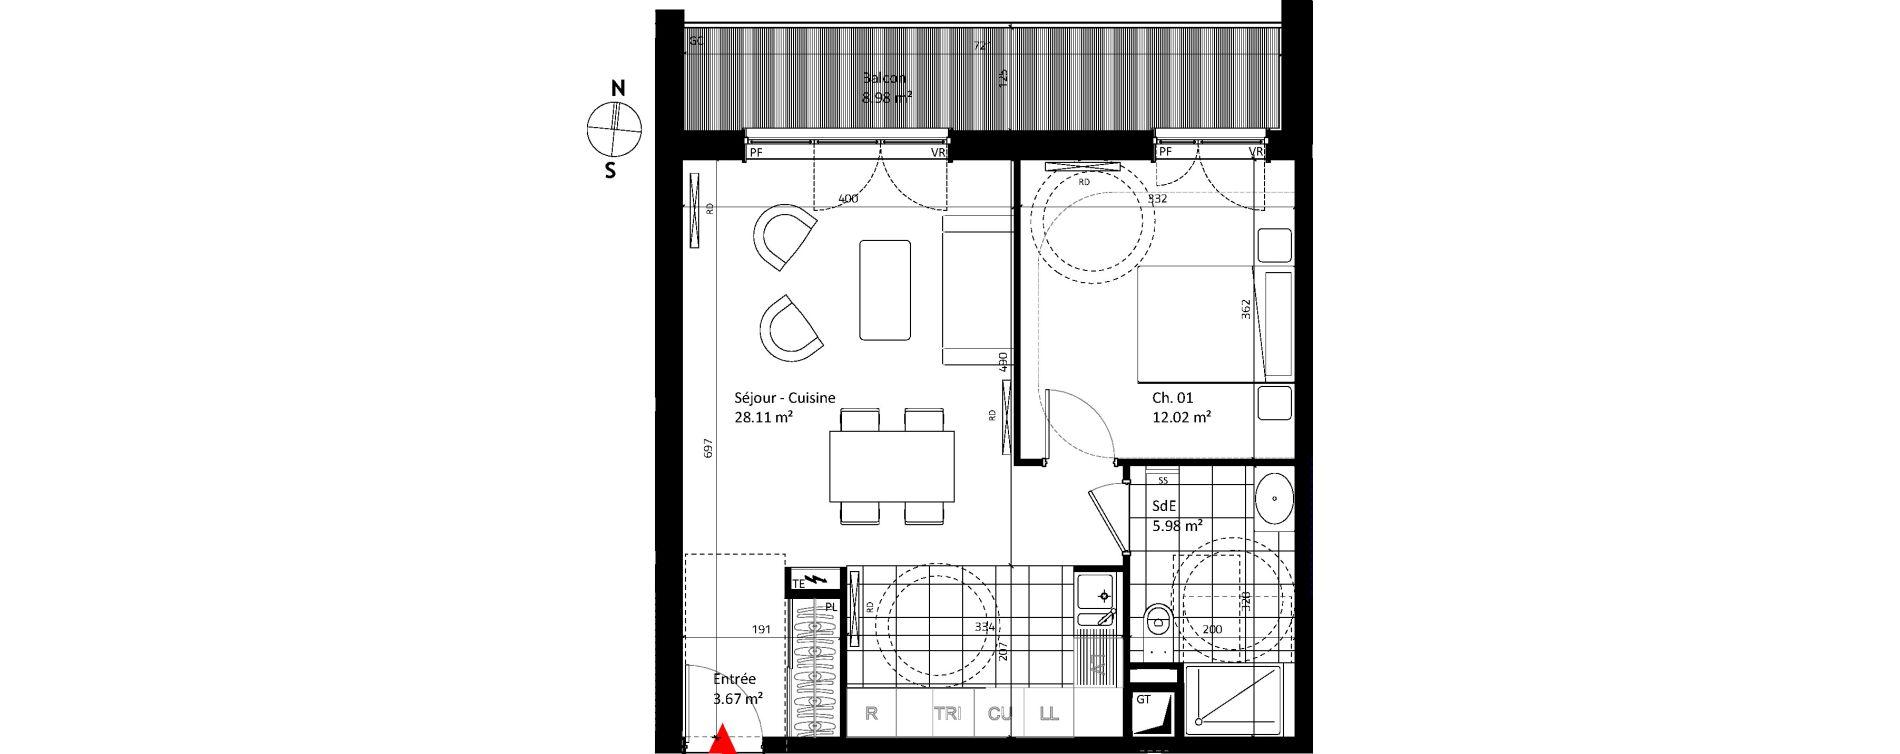 Appartement T2 de 49,77 m2 au Vésinet Parc princesse